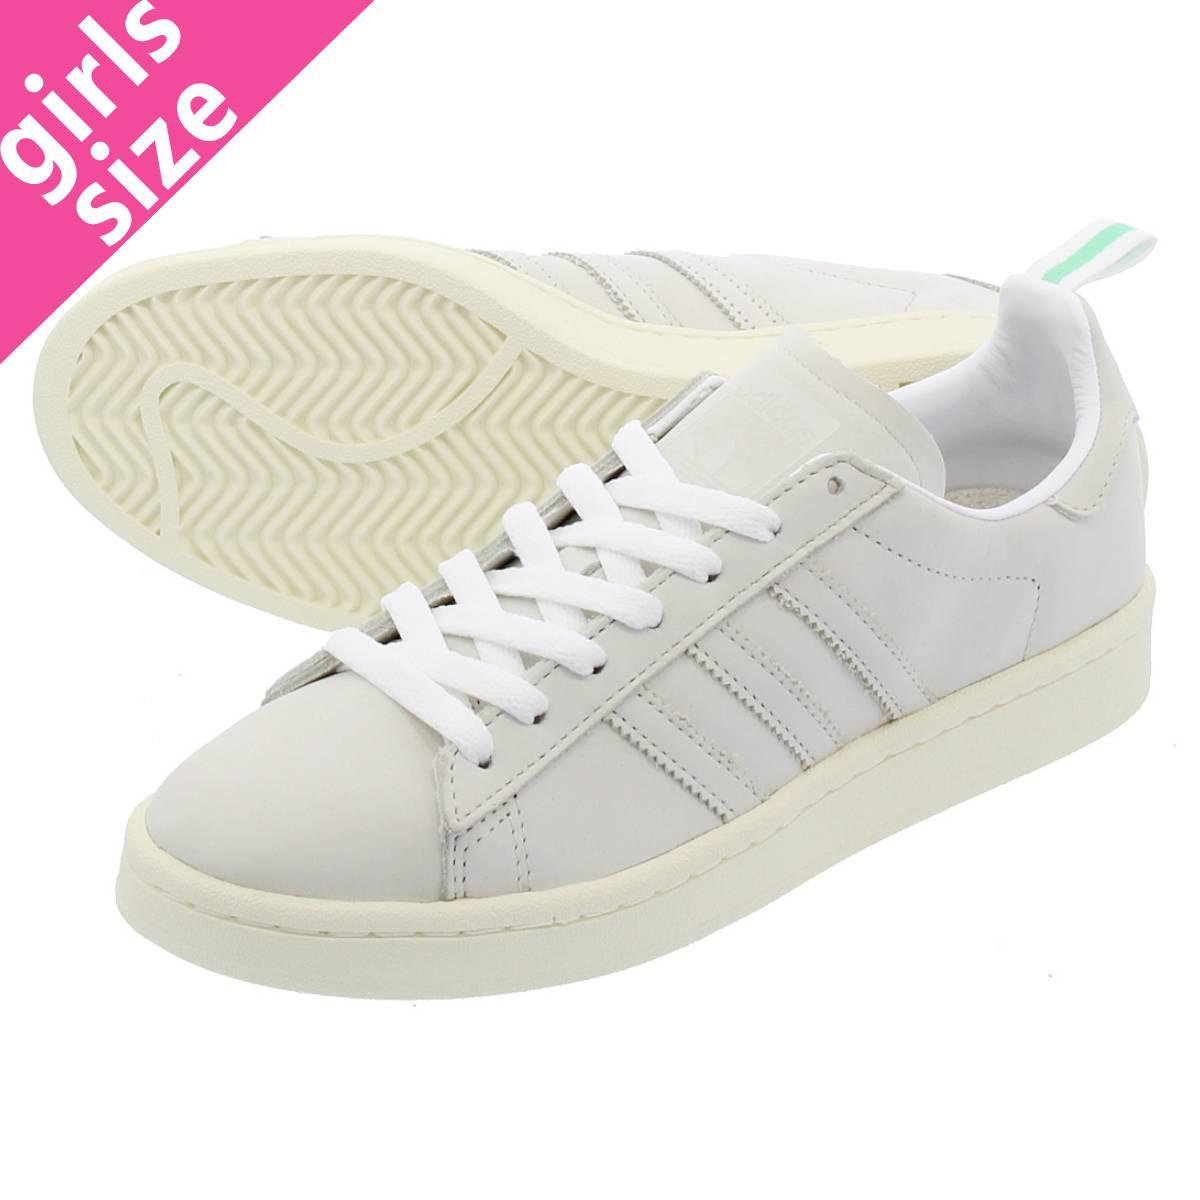 レディース靴, スニーカー  adidas CAMPUS adidas Originals RUNNING WHITEVINTAGE WHITEVINTAGE WHITE